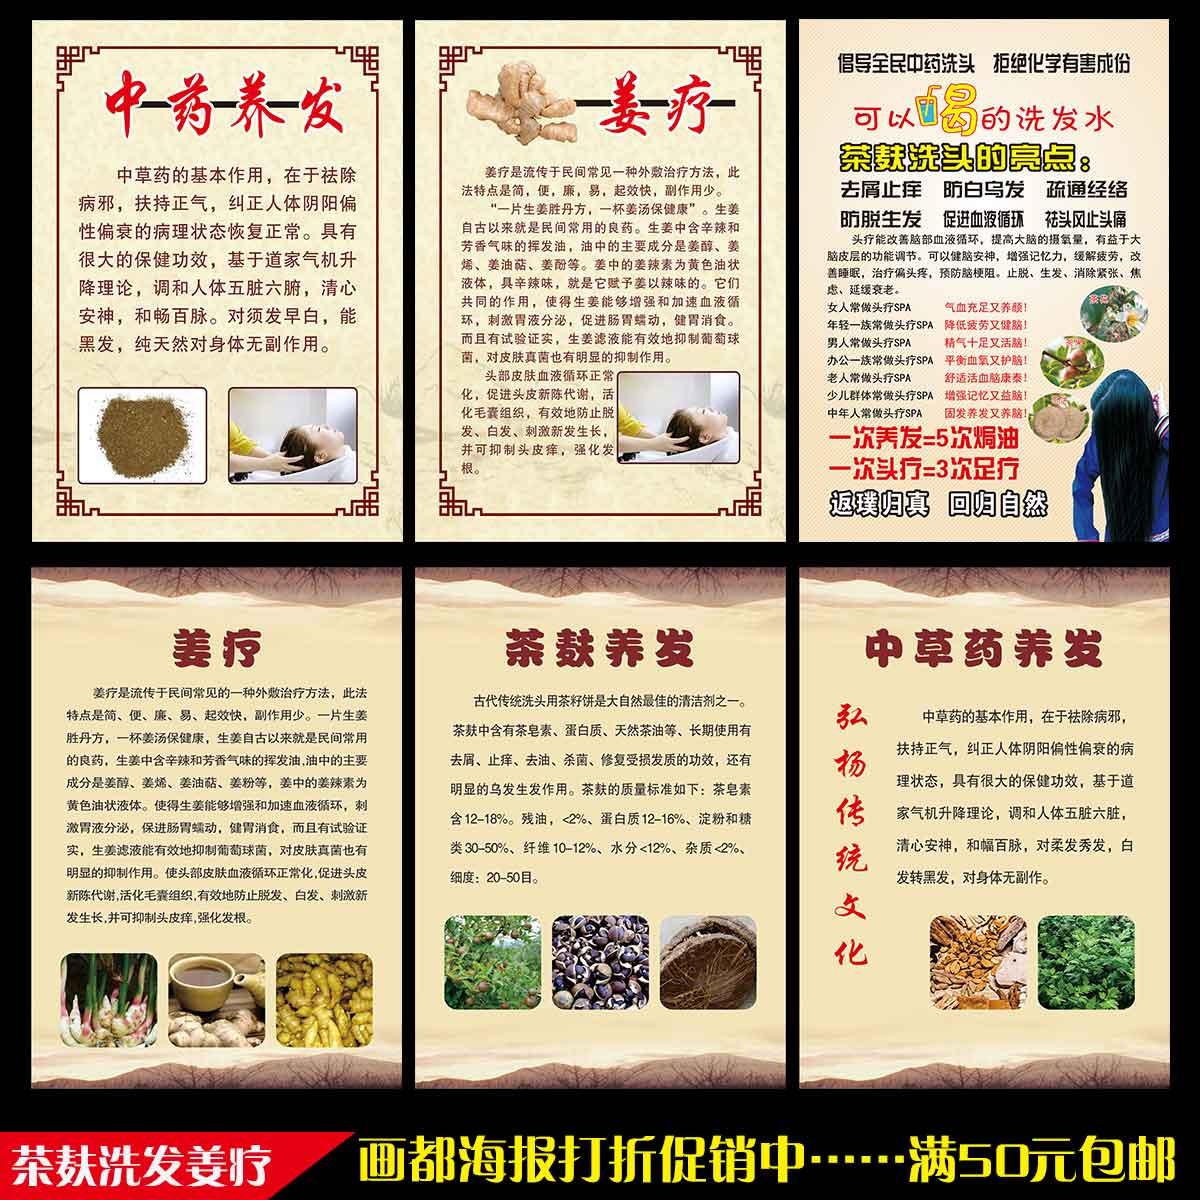 中药养发图片茶麸洗头护发姜疗海报宣传画贴纸头道汤挂画头疗功效